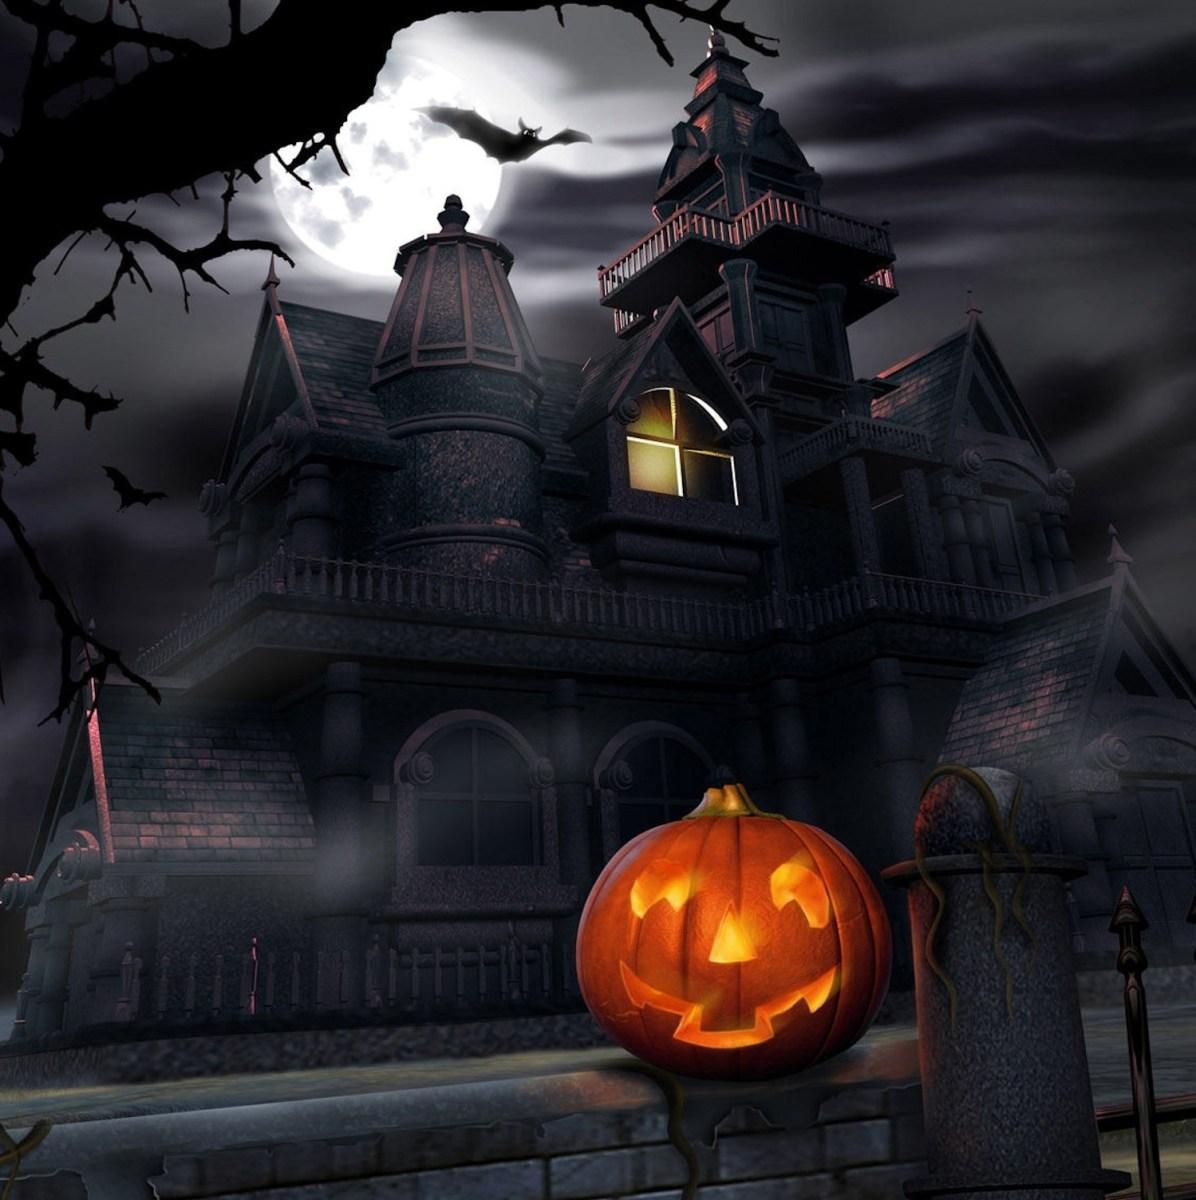 Best Halloween Haunts in L.A.